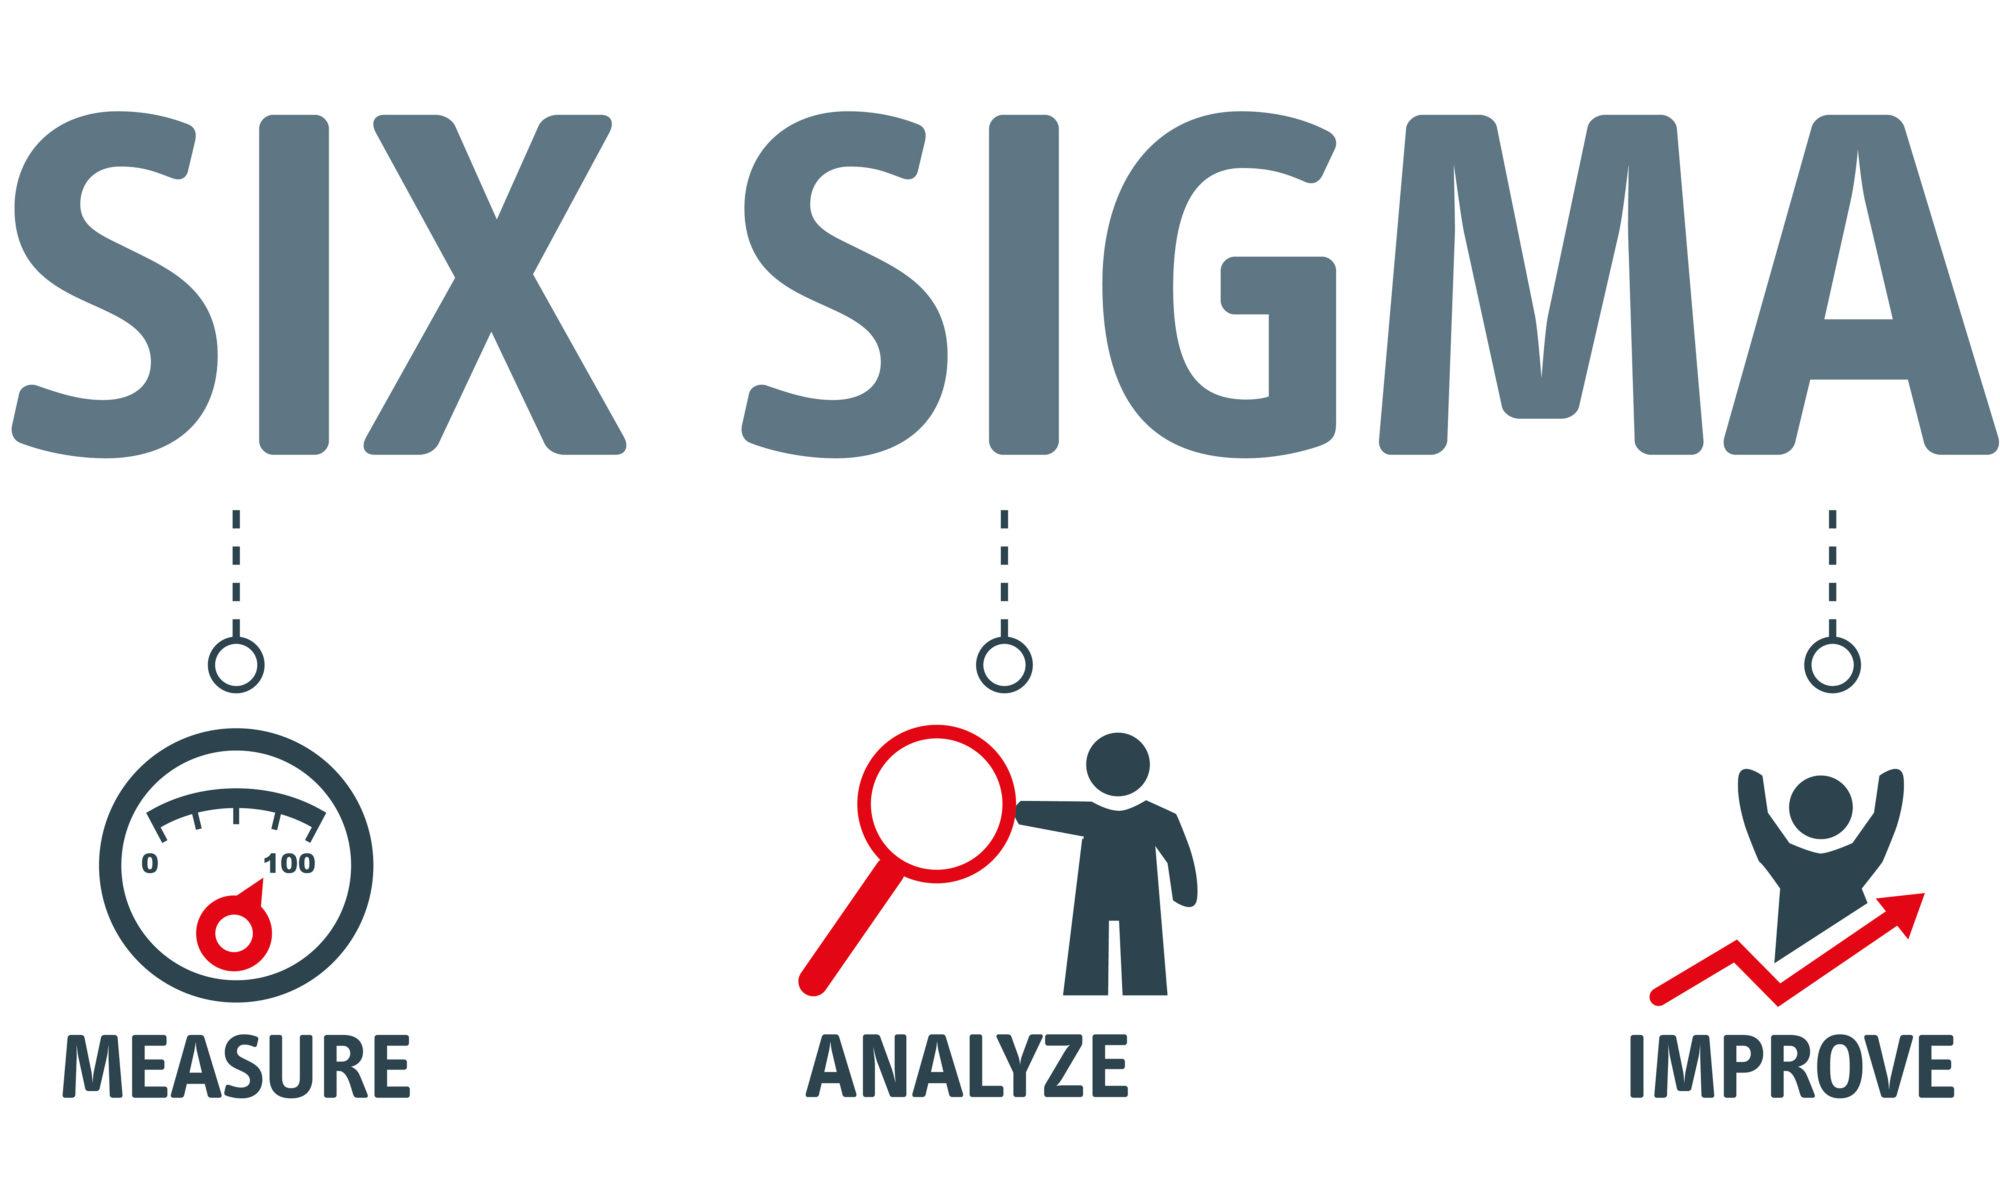 Système Lean repose sur les principes d'amélioration continue et de satisfaction client.